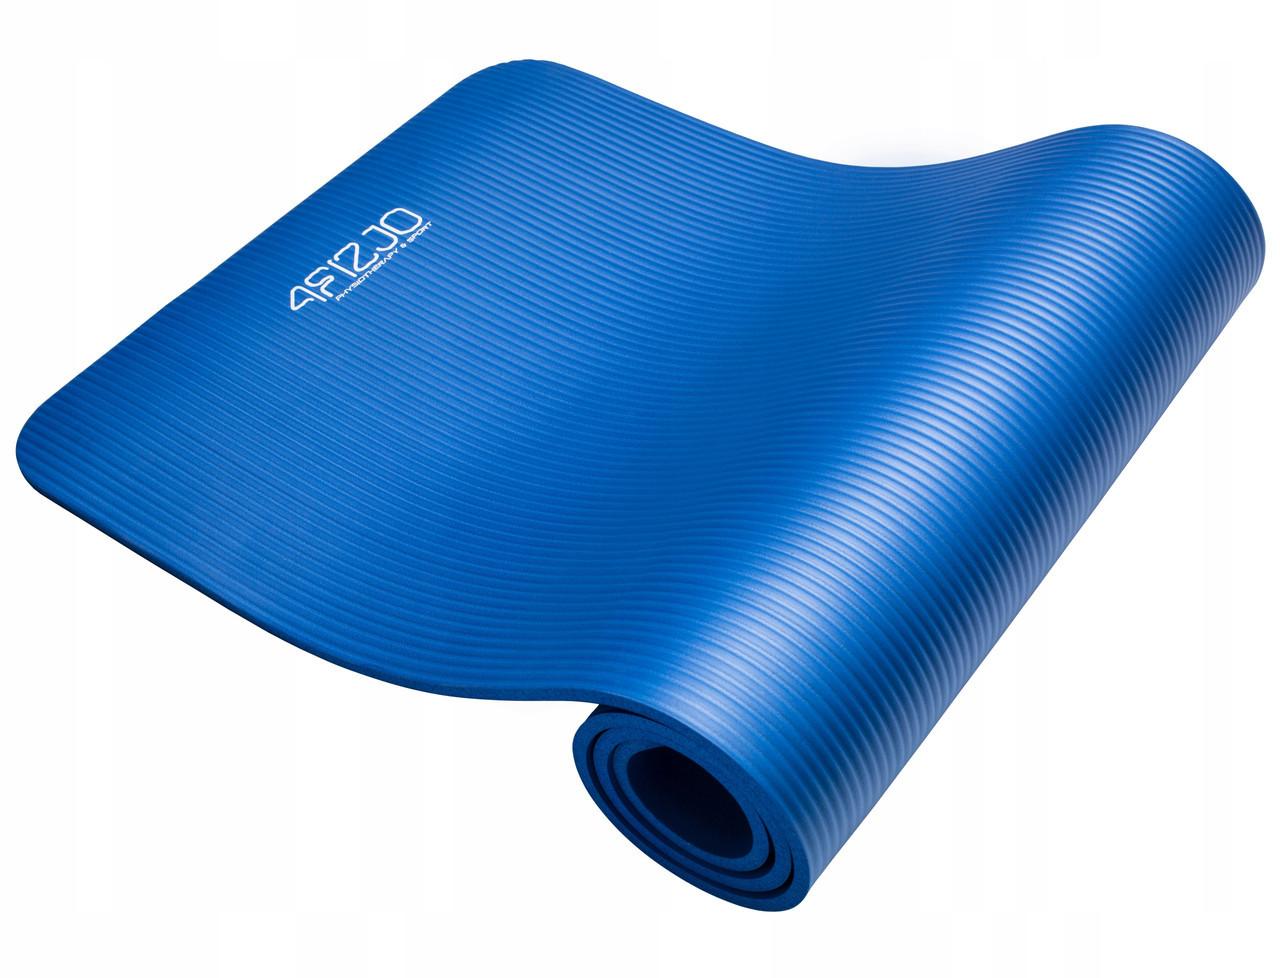 Килимок (мат) для йоги та фітнесу 4FIZJO NBR 1 см 4FJ0014 Blue